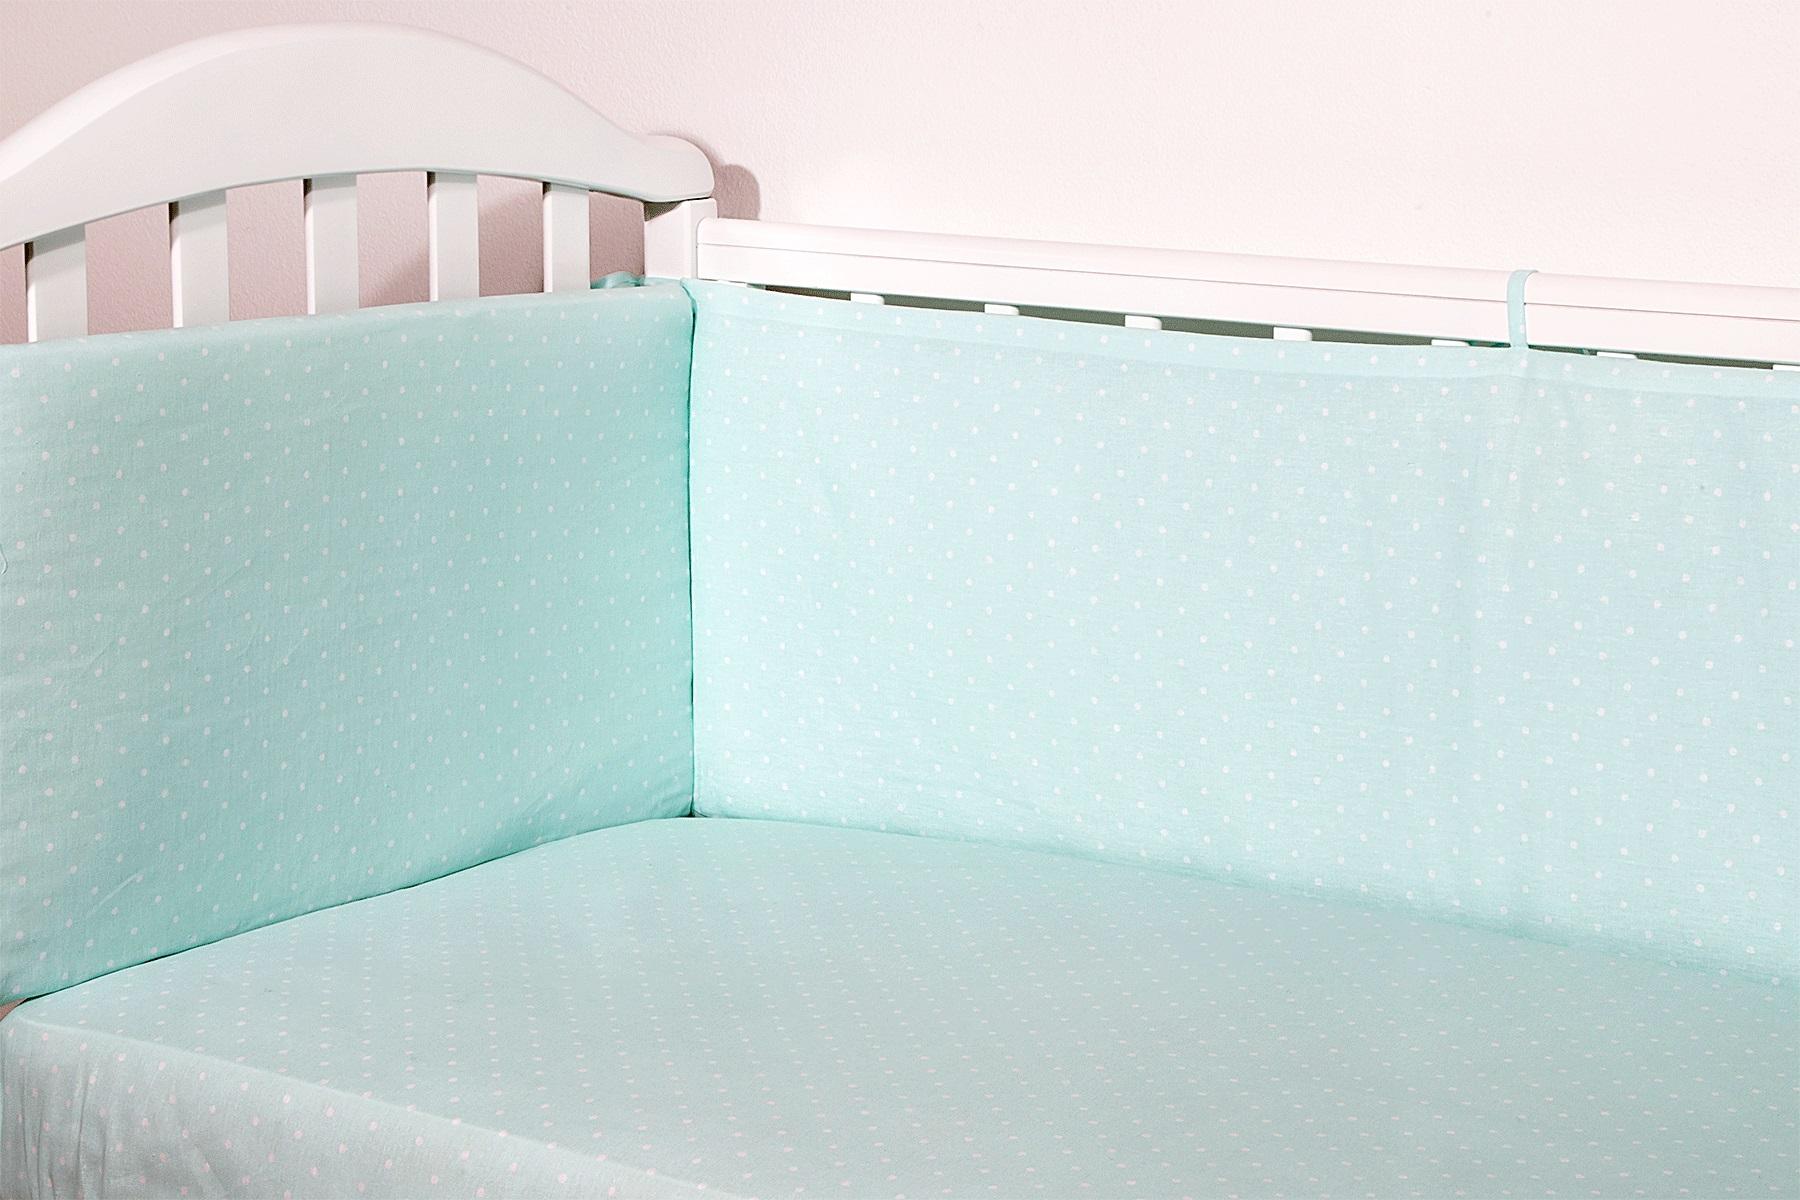 Baby Nice Бортик для кровати Горох цвет светло-зеленыйS6012702Борт в кроватку (его ещё называют бампер) является отличной защитой малыша от сквозняков и ударов при поворотах в кроватке. Ткань верха: 100% хлопок, наполнитель: экологически чистый нетканый материал для мягкой мебели - периотек. Дизайны бортов сочетаются с дизайнами постельного белья, так что, можно самостоятельно сделать полный комплект, идеальный для сна. Борта в кроватку - мягкие удобные долговечные: надежная и эстетичная защита вашего ребенка! 4-е стороны: 2 шт: 120 х 35 см.; 2 шт.: 60 х 35 см.